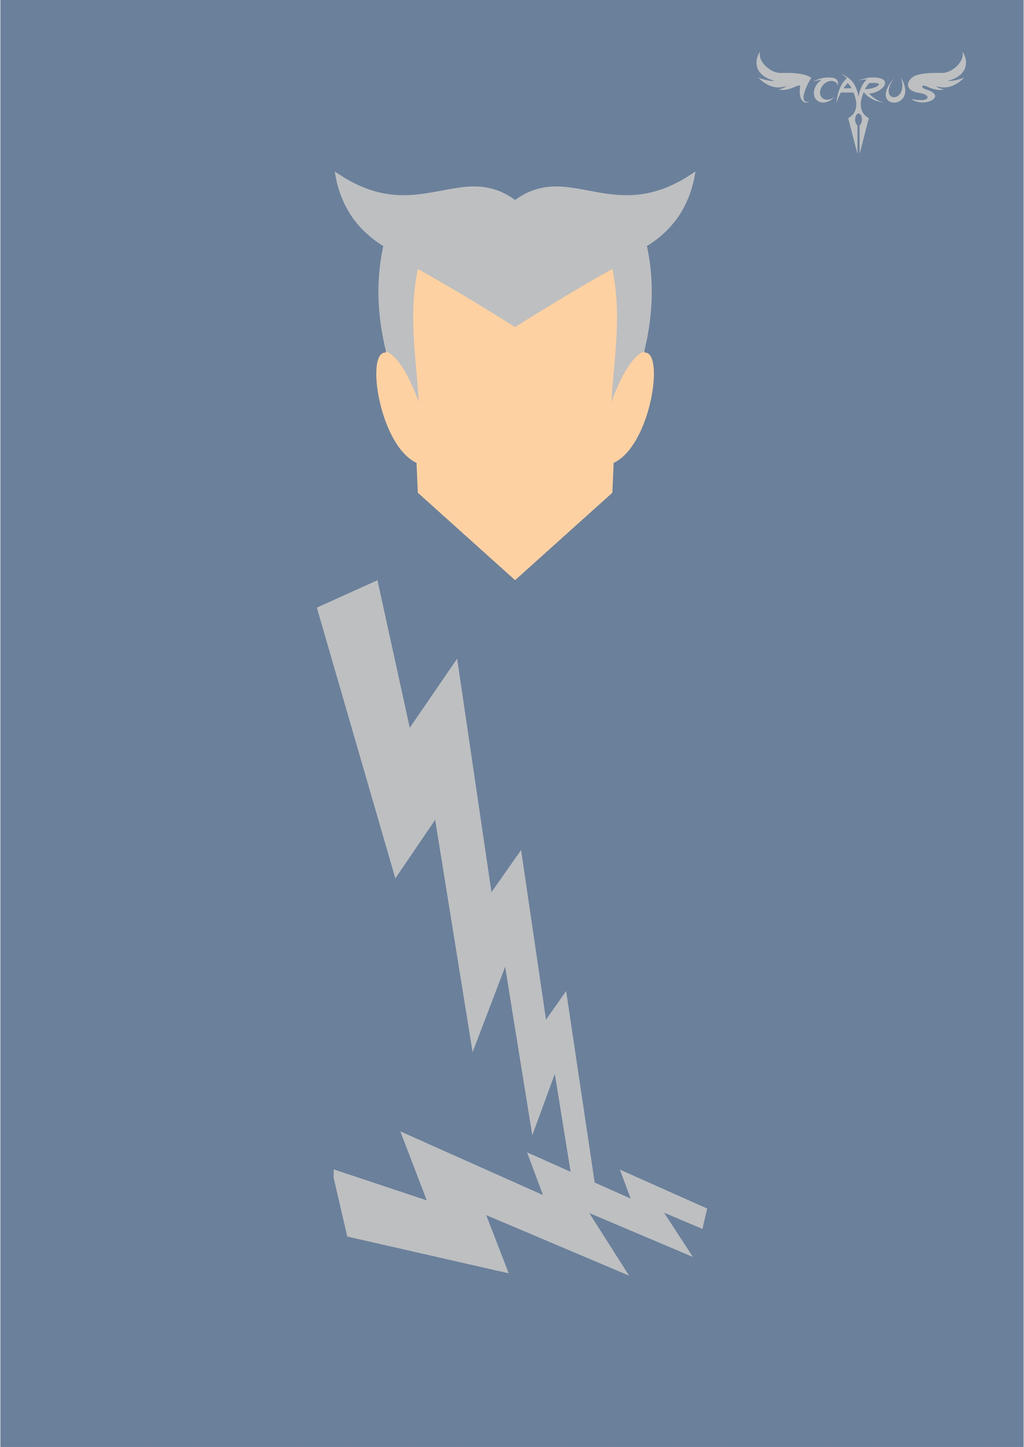 Minimalist quicksilver by elchavoman on deviantart - Quicksilver wallpaper marvel ...